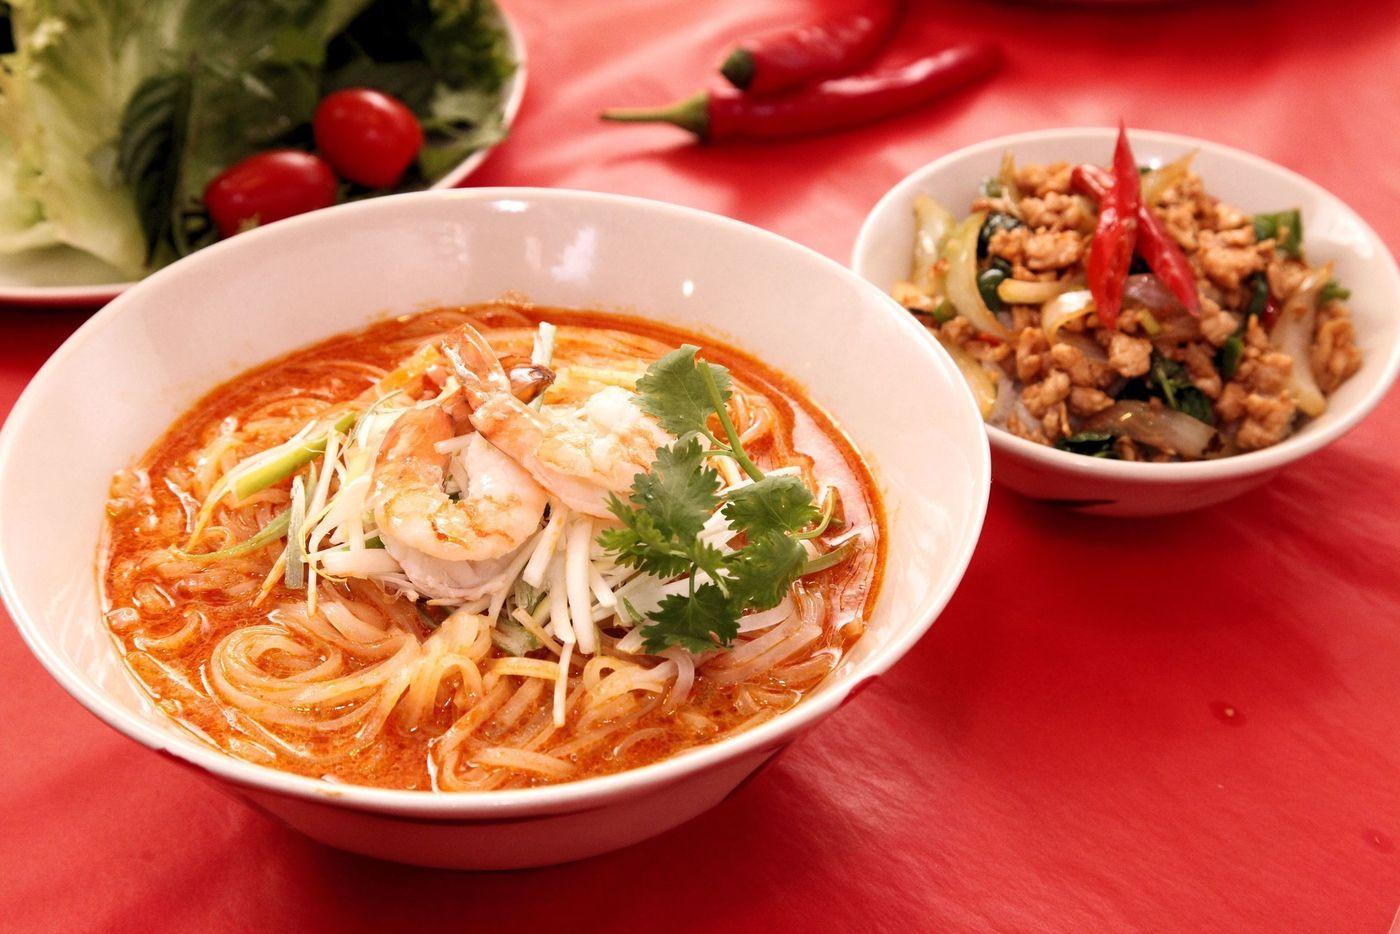 【渋谷でベトナム気分】ベトナム料理を堪能!おすすめ人気店7選!の画像